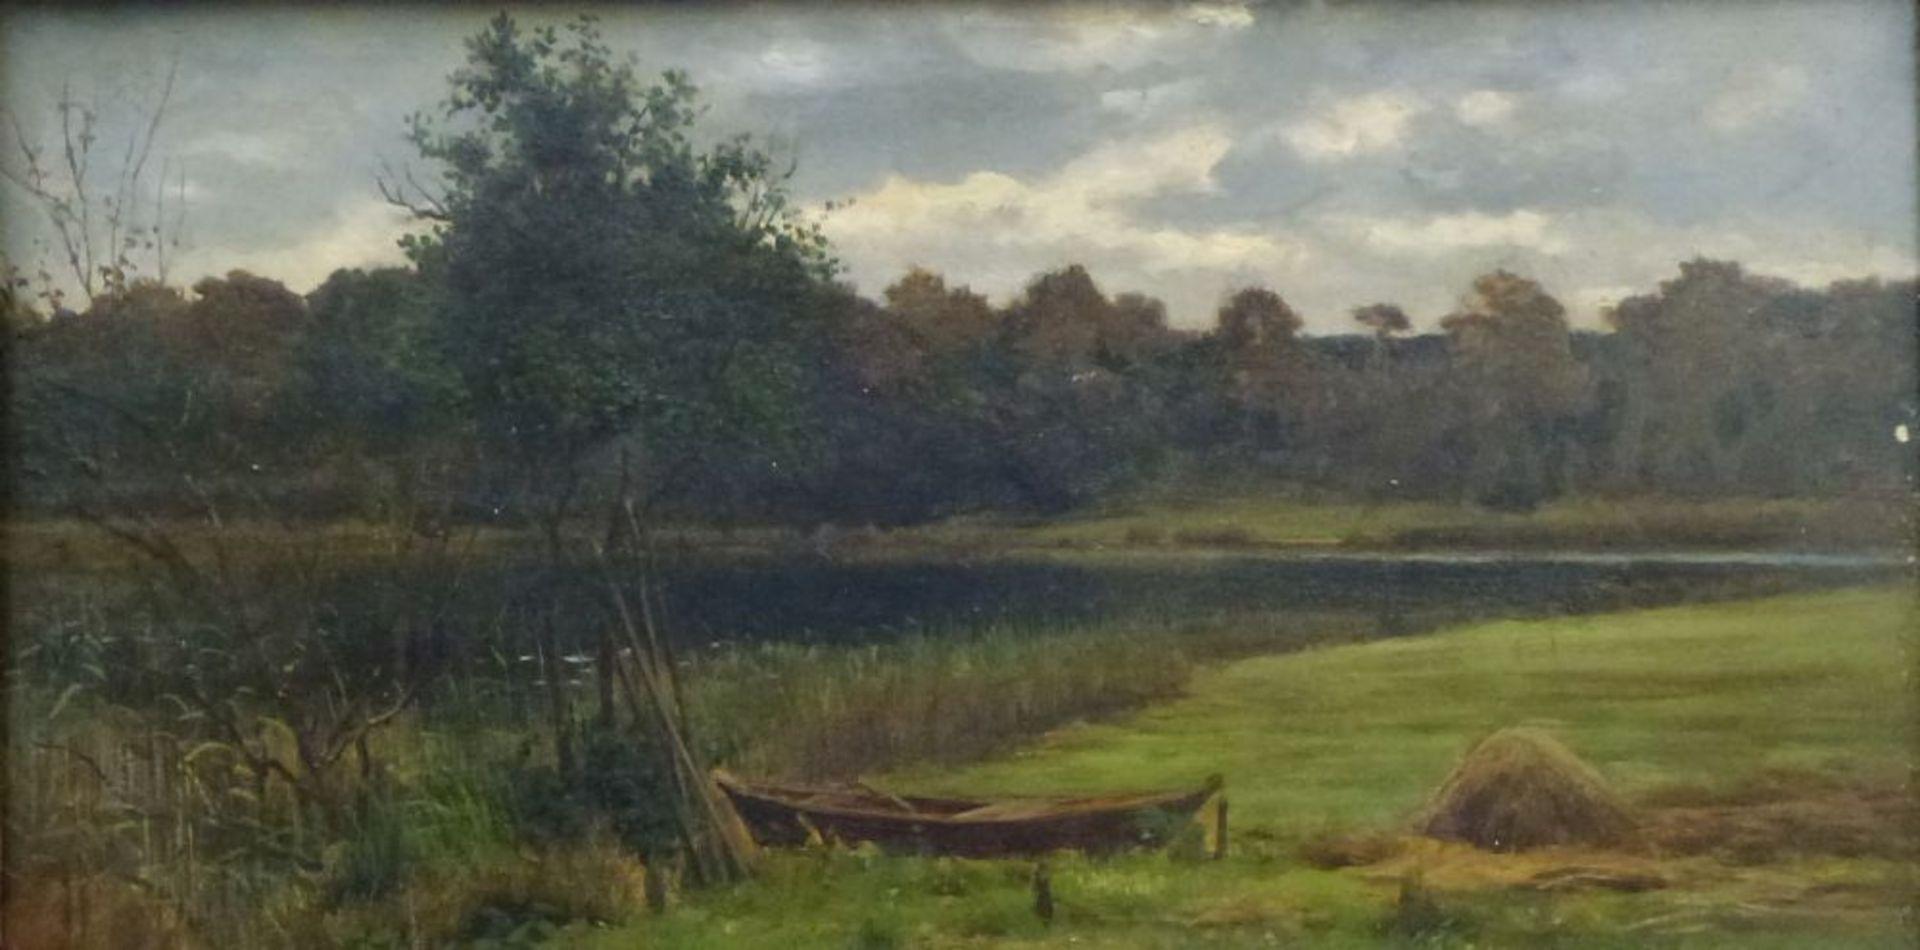 Märkische LandschaftKarl Bennewitz von Loefen(?), 1826 - 1895Öl/Platte, Sommerwiese mit Kahn am See,